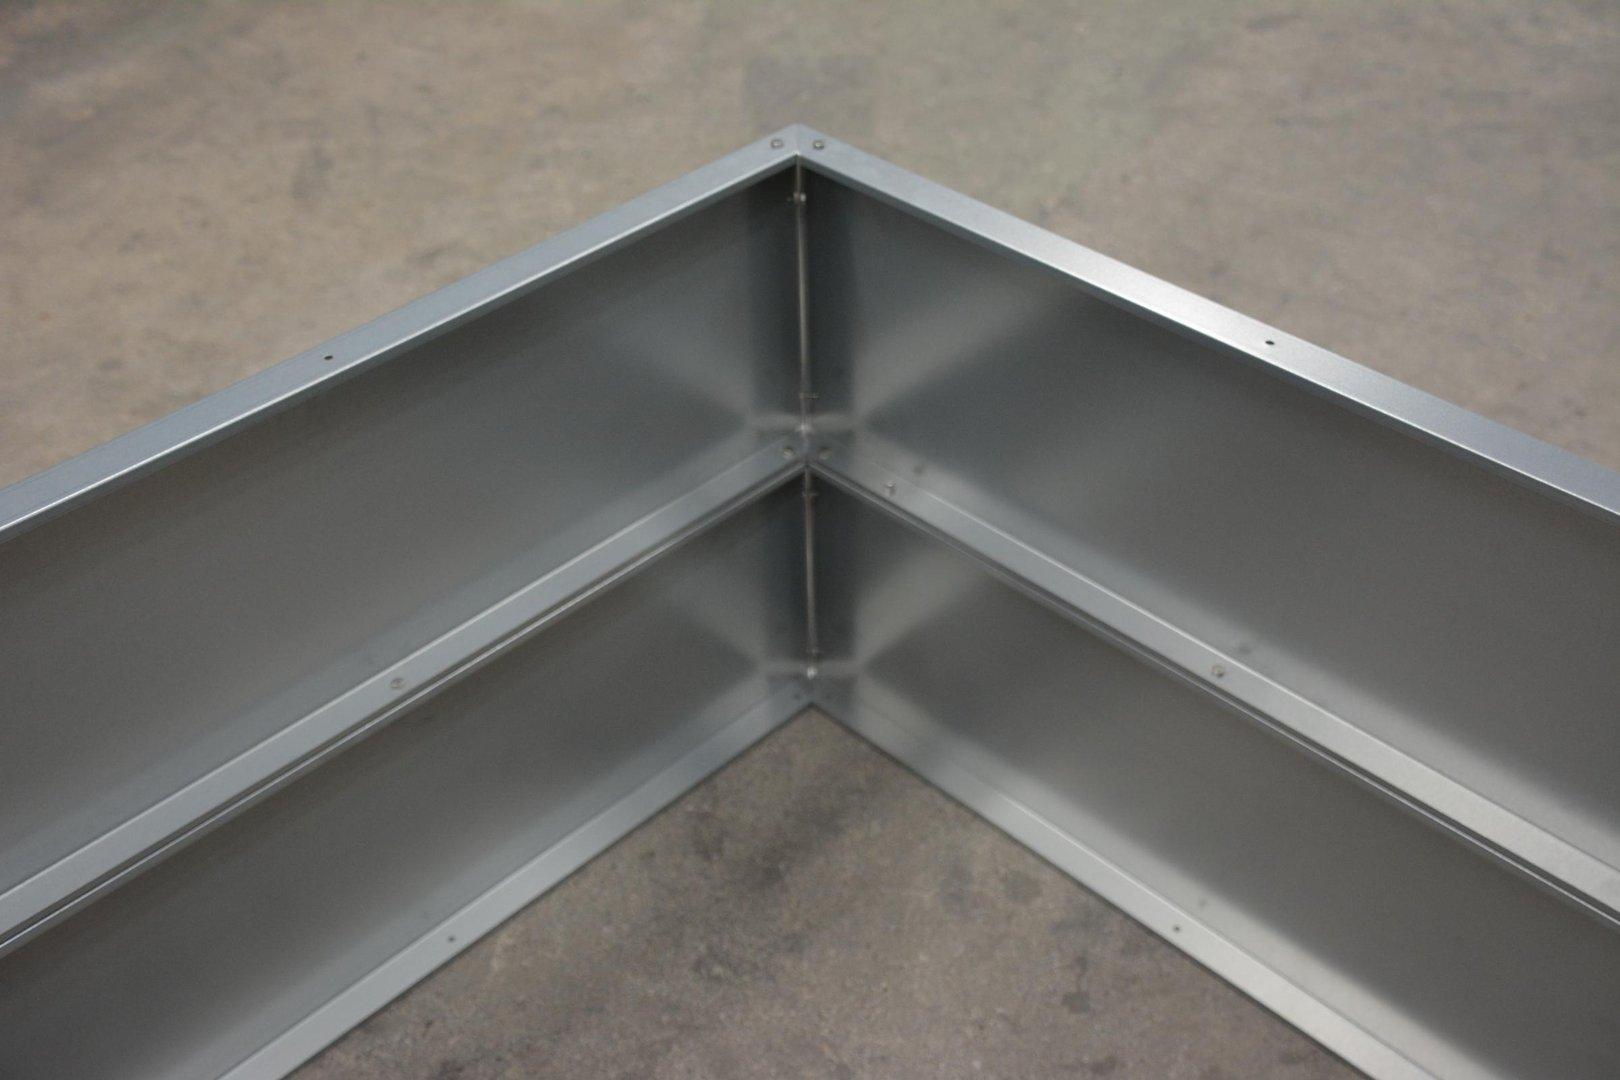 hochbeet metall mit schneckenzaun metall 1mx1m 45 cm hoch. Black Bedroom Furniture Sets. Home Design Ideas